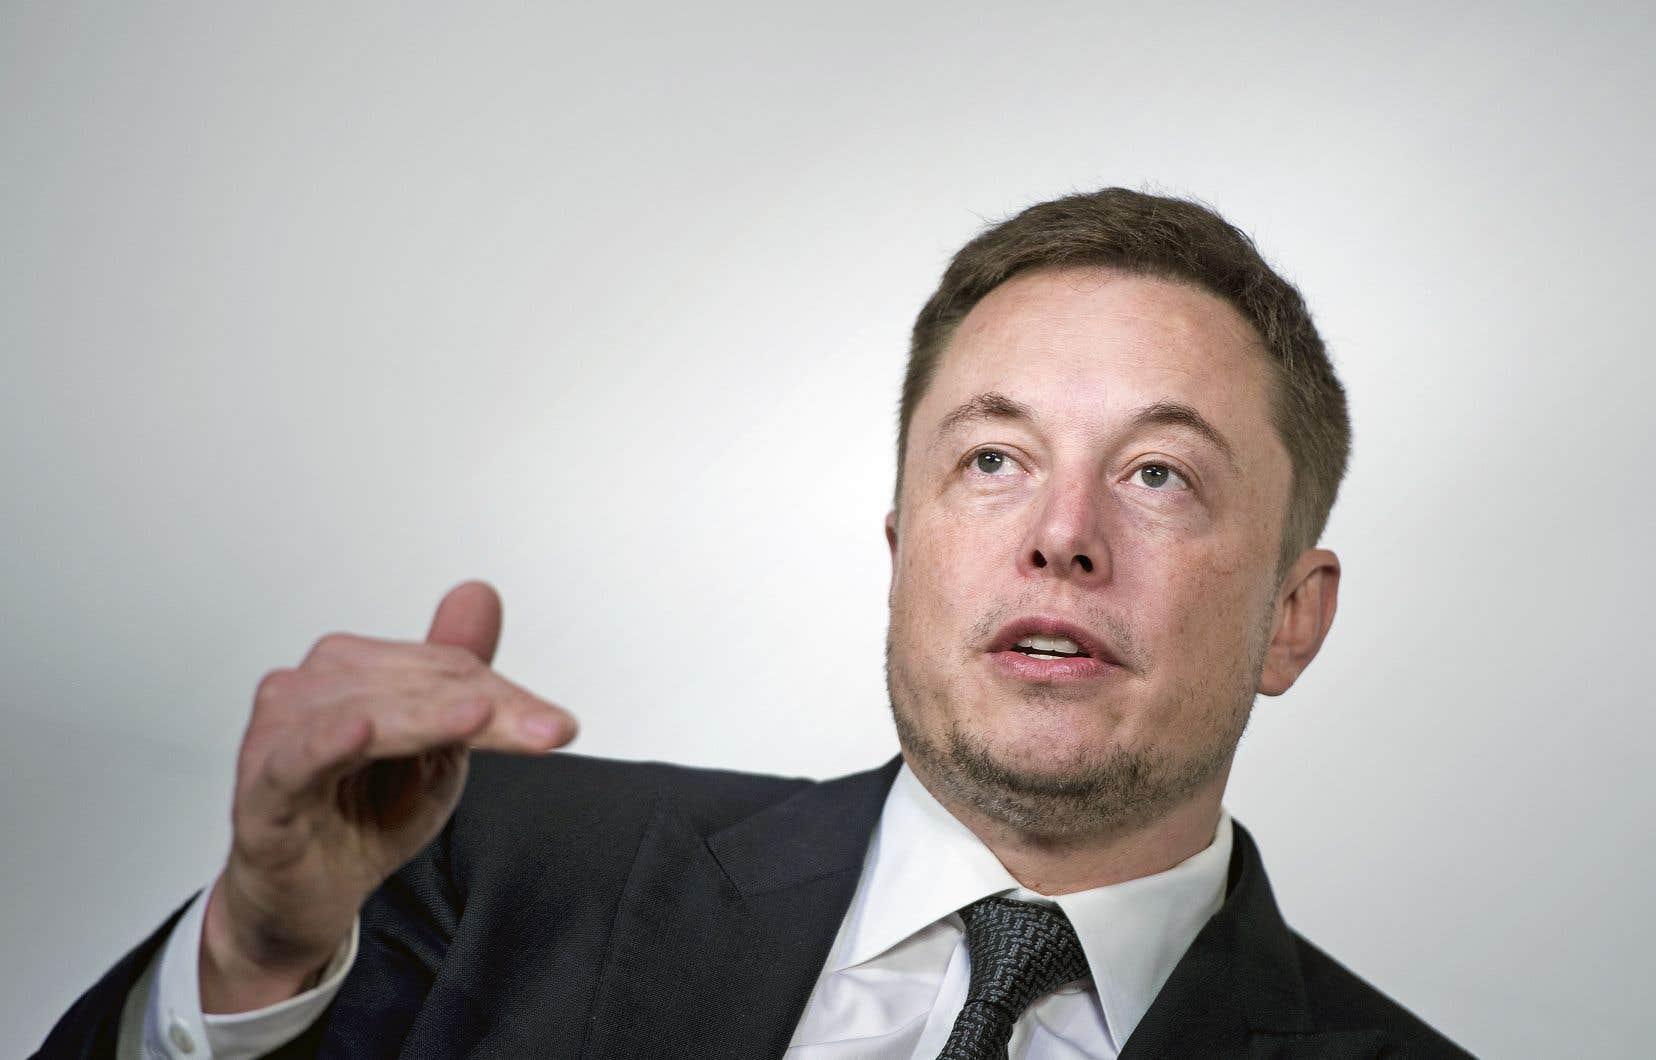 L'entrepreneur sud-africain Elon Musk avait envoyé mardi en cours de séance une salve de messages sur Twitter faisant part de son intention de retirer Tesla de la cote et d'en rester le p.-d.g. quoi qu'il arrive.